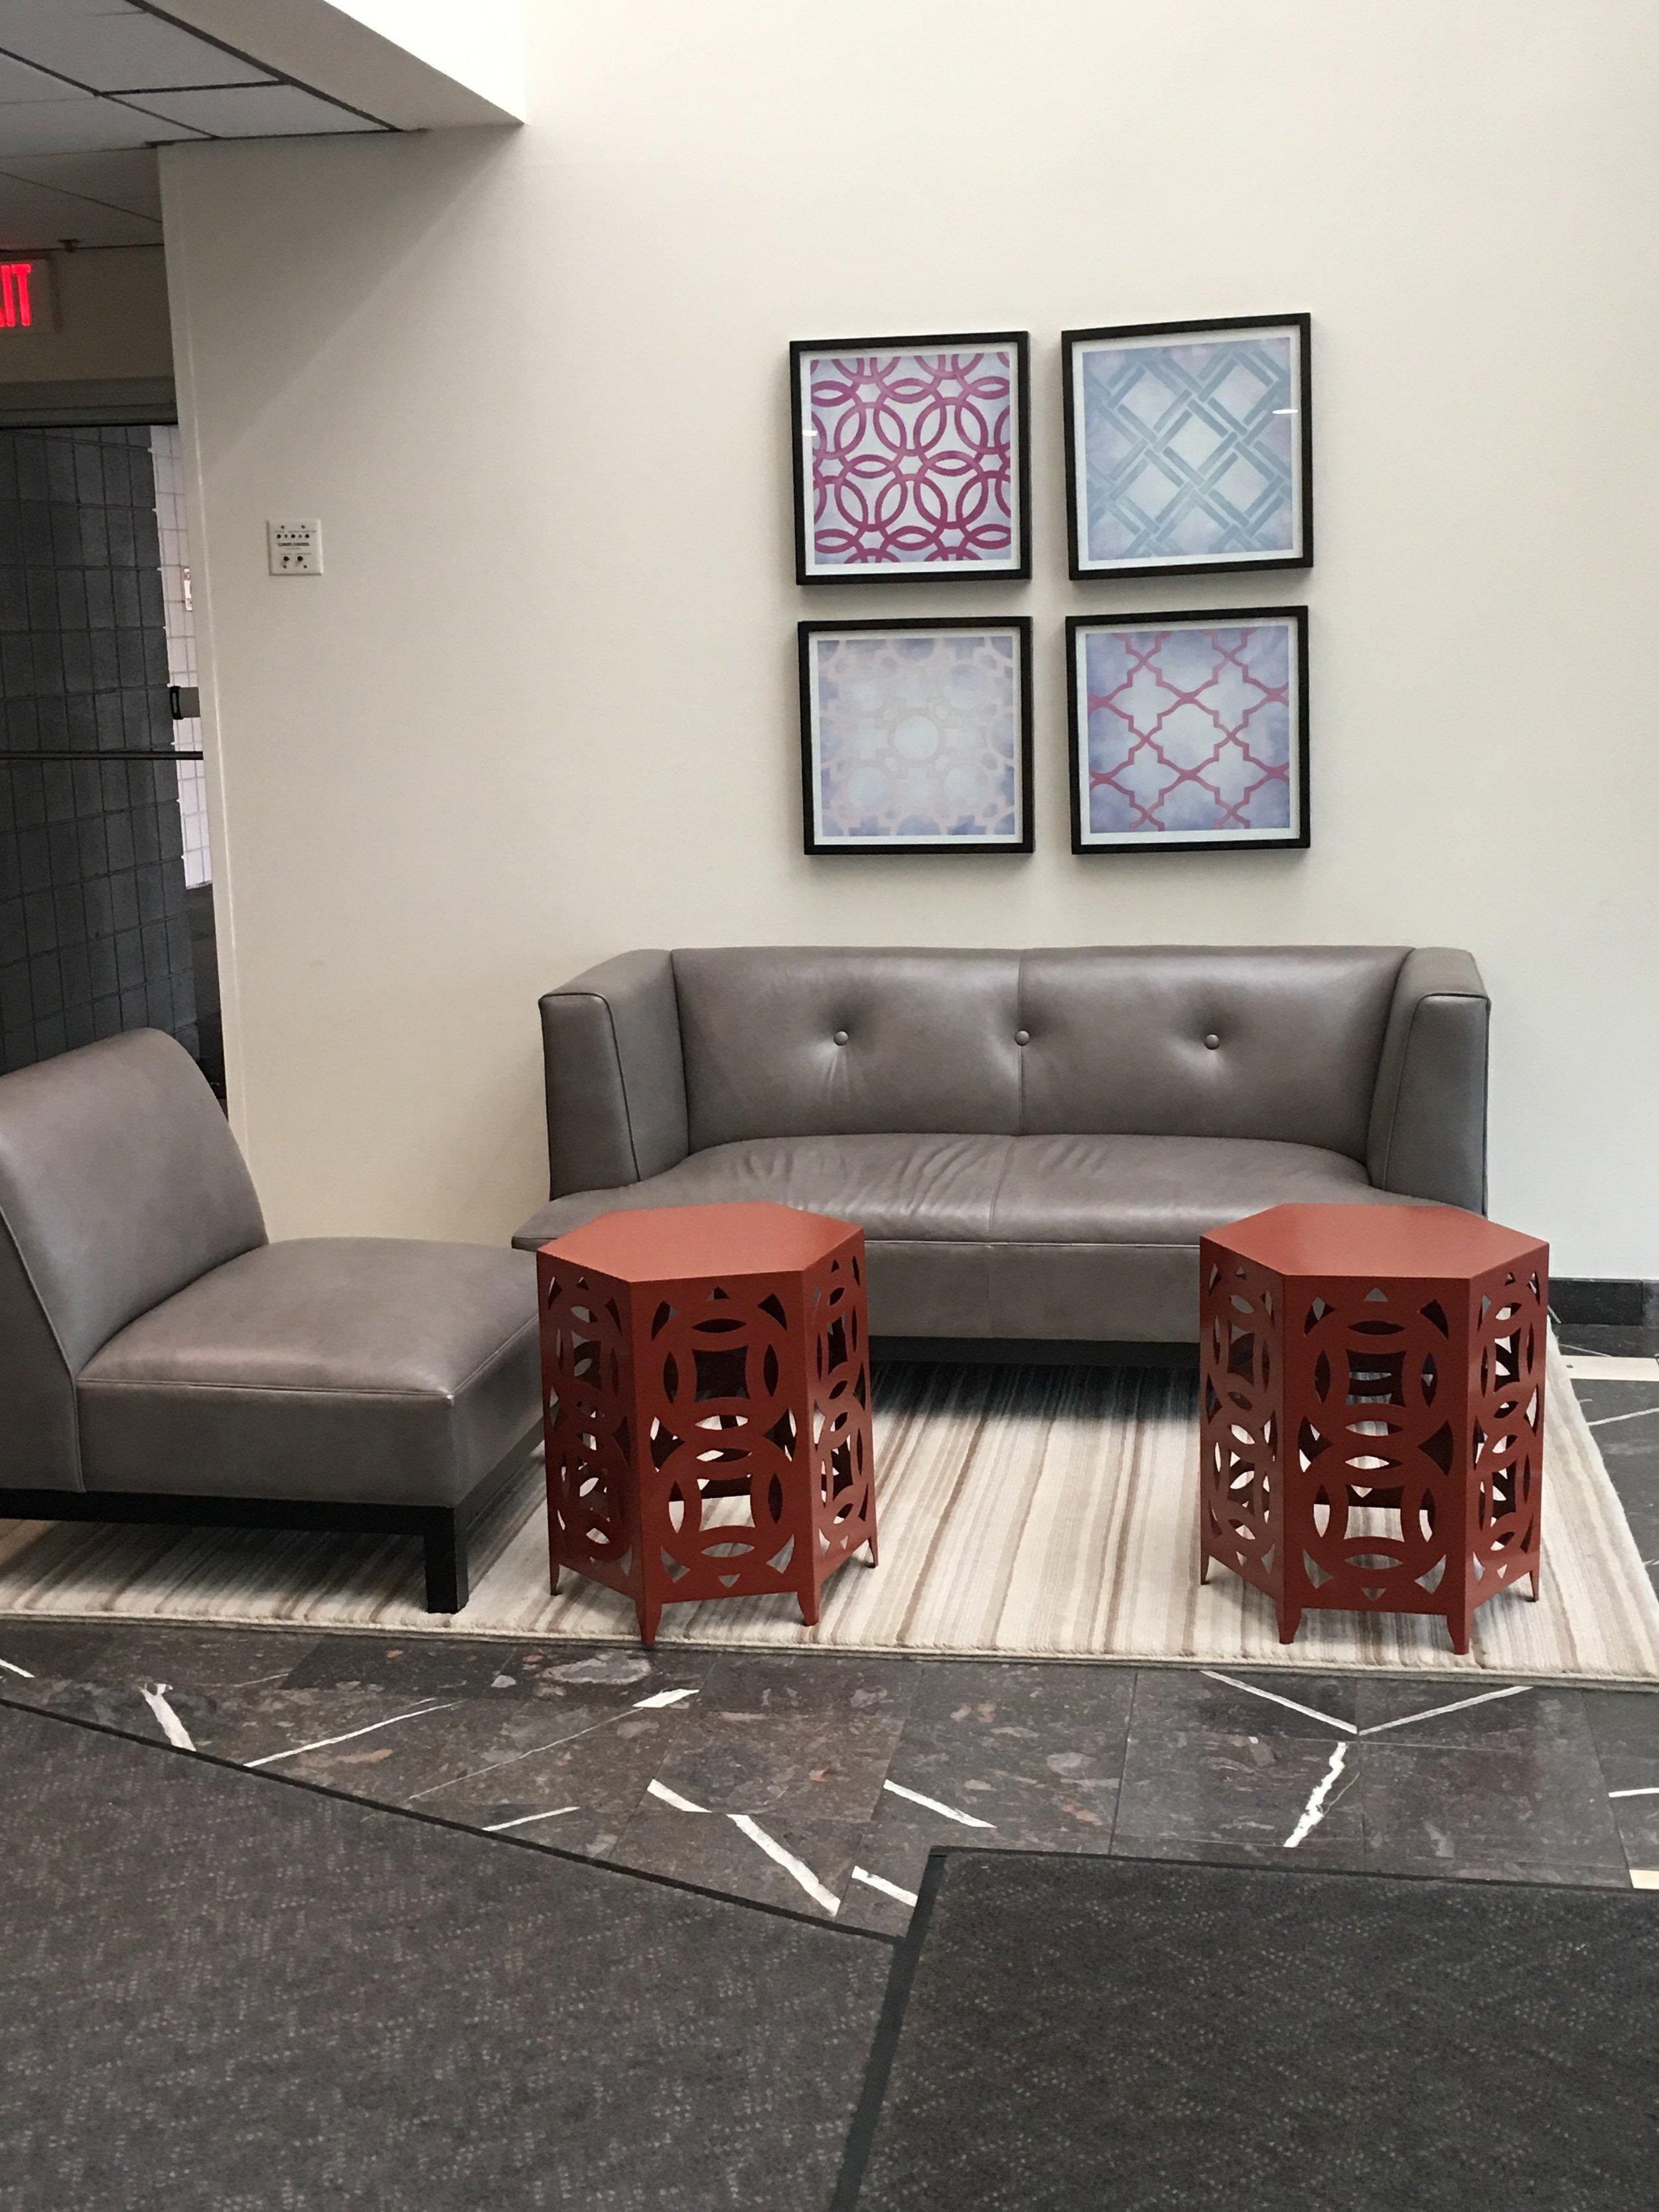 3 Edgewater lobby interior.JPG